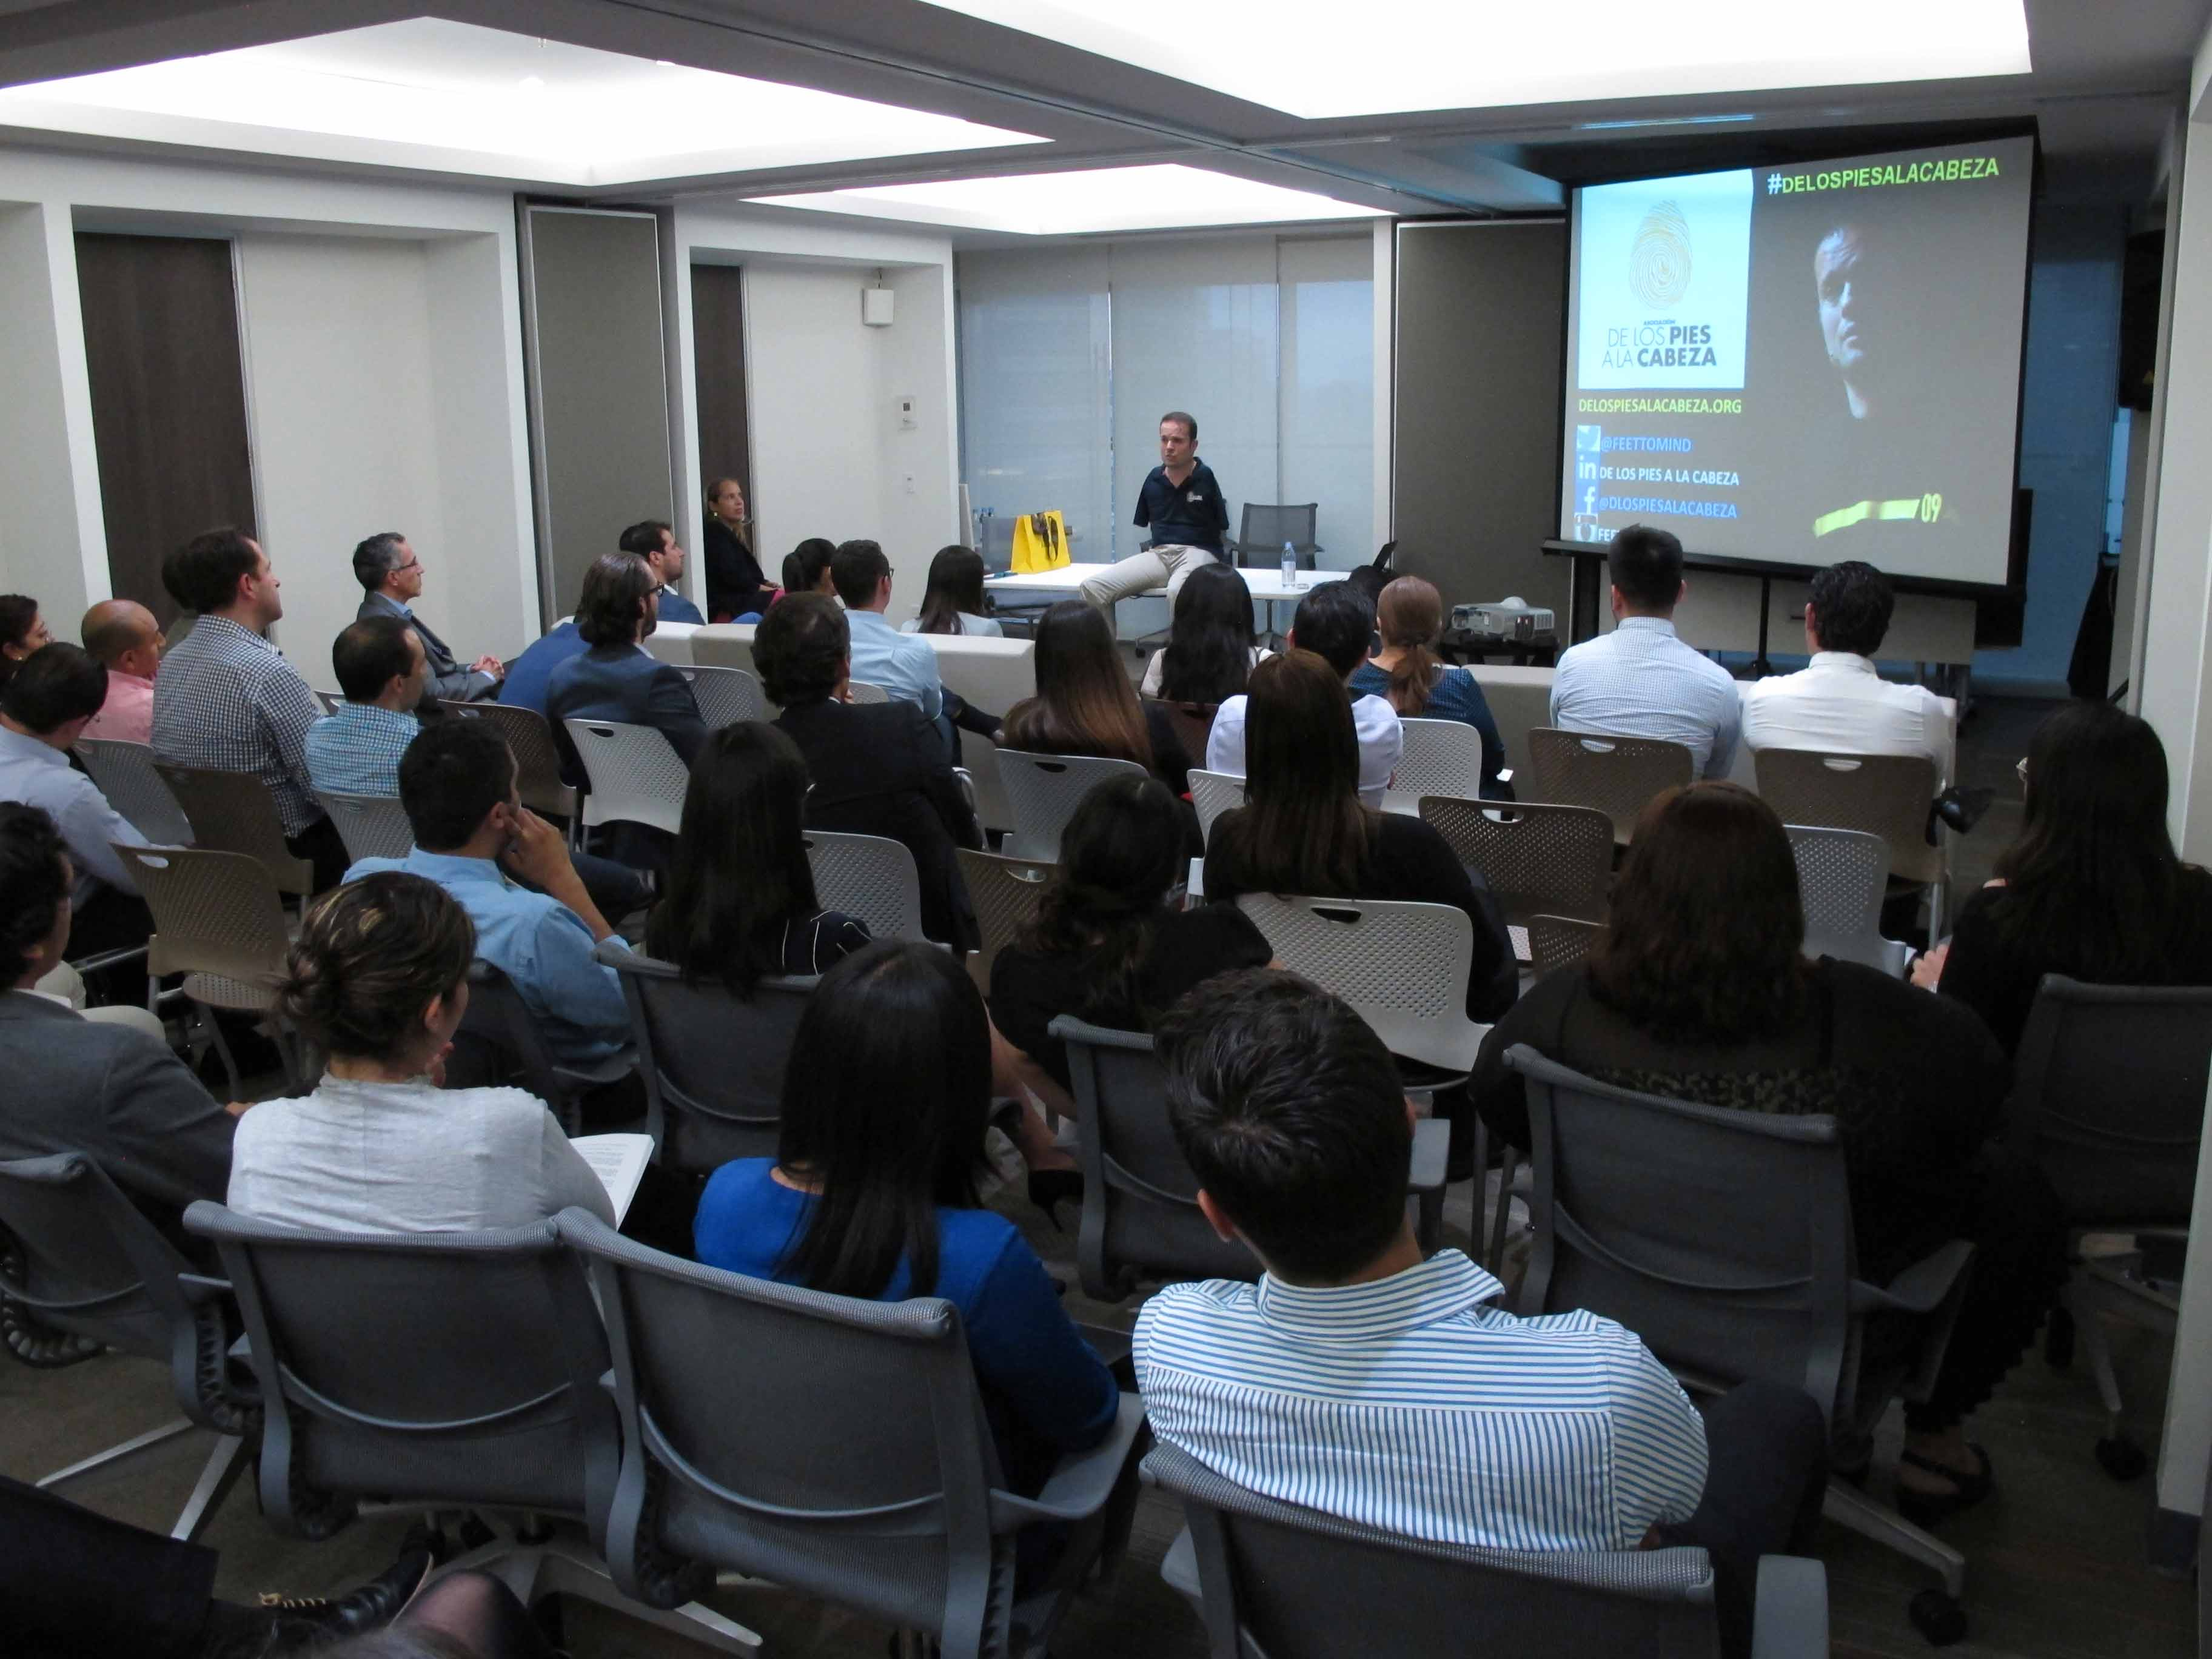 conferencia_mexico_javierhernandez